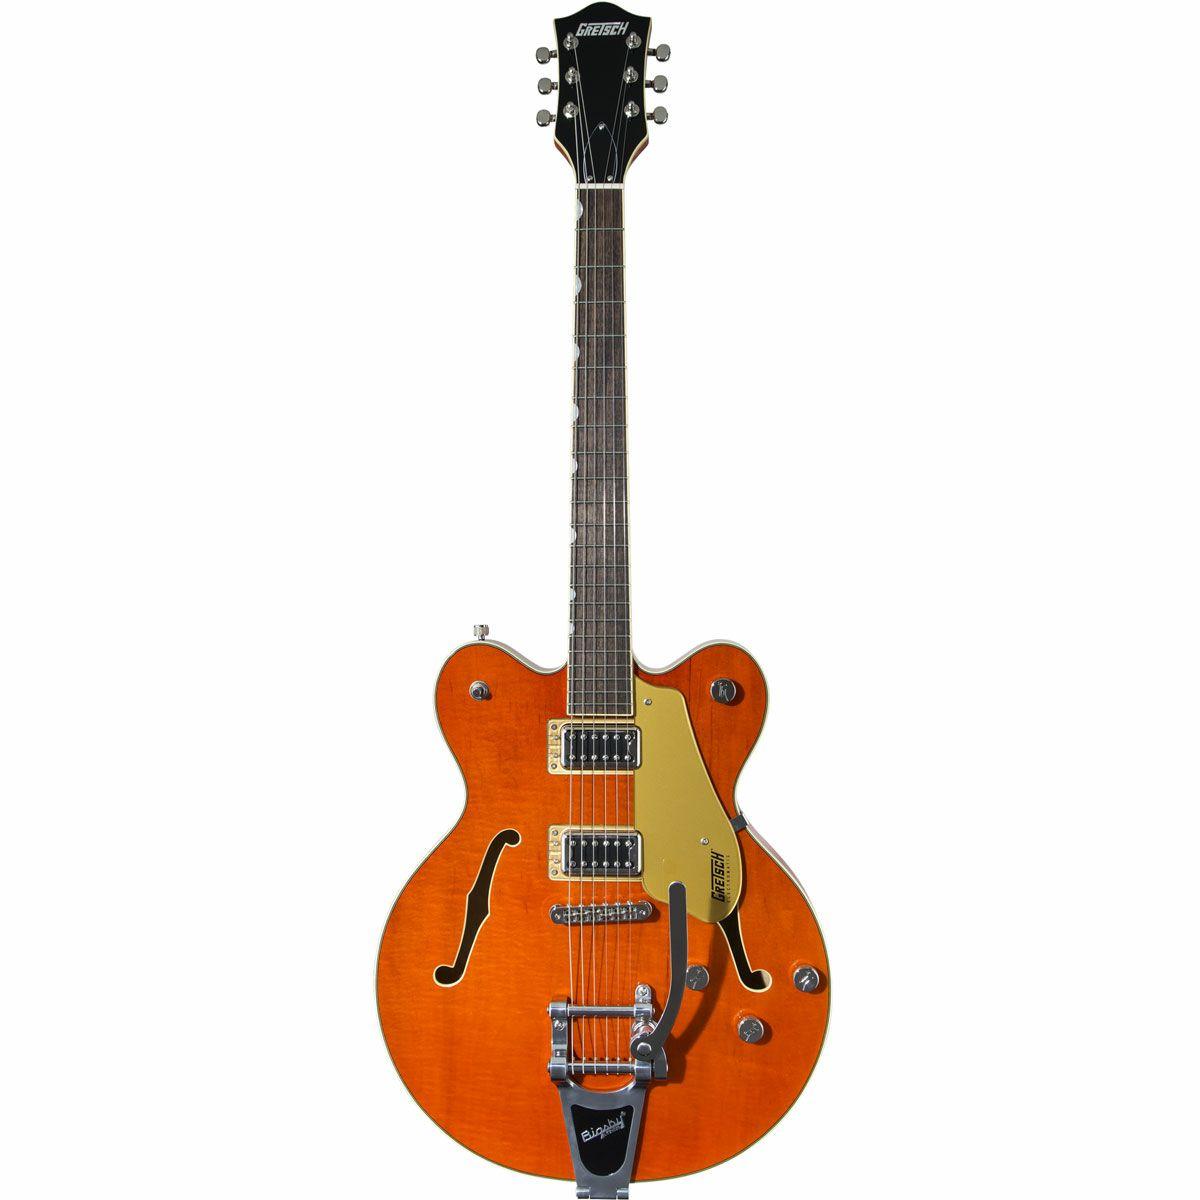 注目ブランド 【30日23:59までポイント10倍!】【正規品で安心】グレッチGRETSCH Gretsch G5622T Electromatic Center Block Double-Cut with Bigsby, Orange Stain (エレキギター)【RCP】【P5】, 買い保障できる 69fe3873